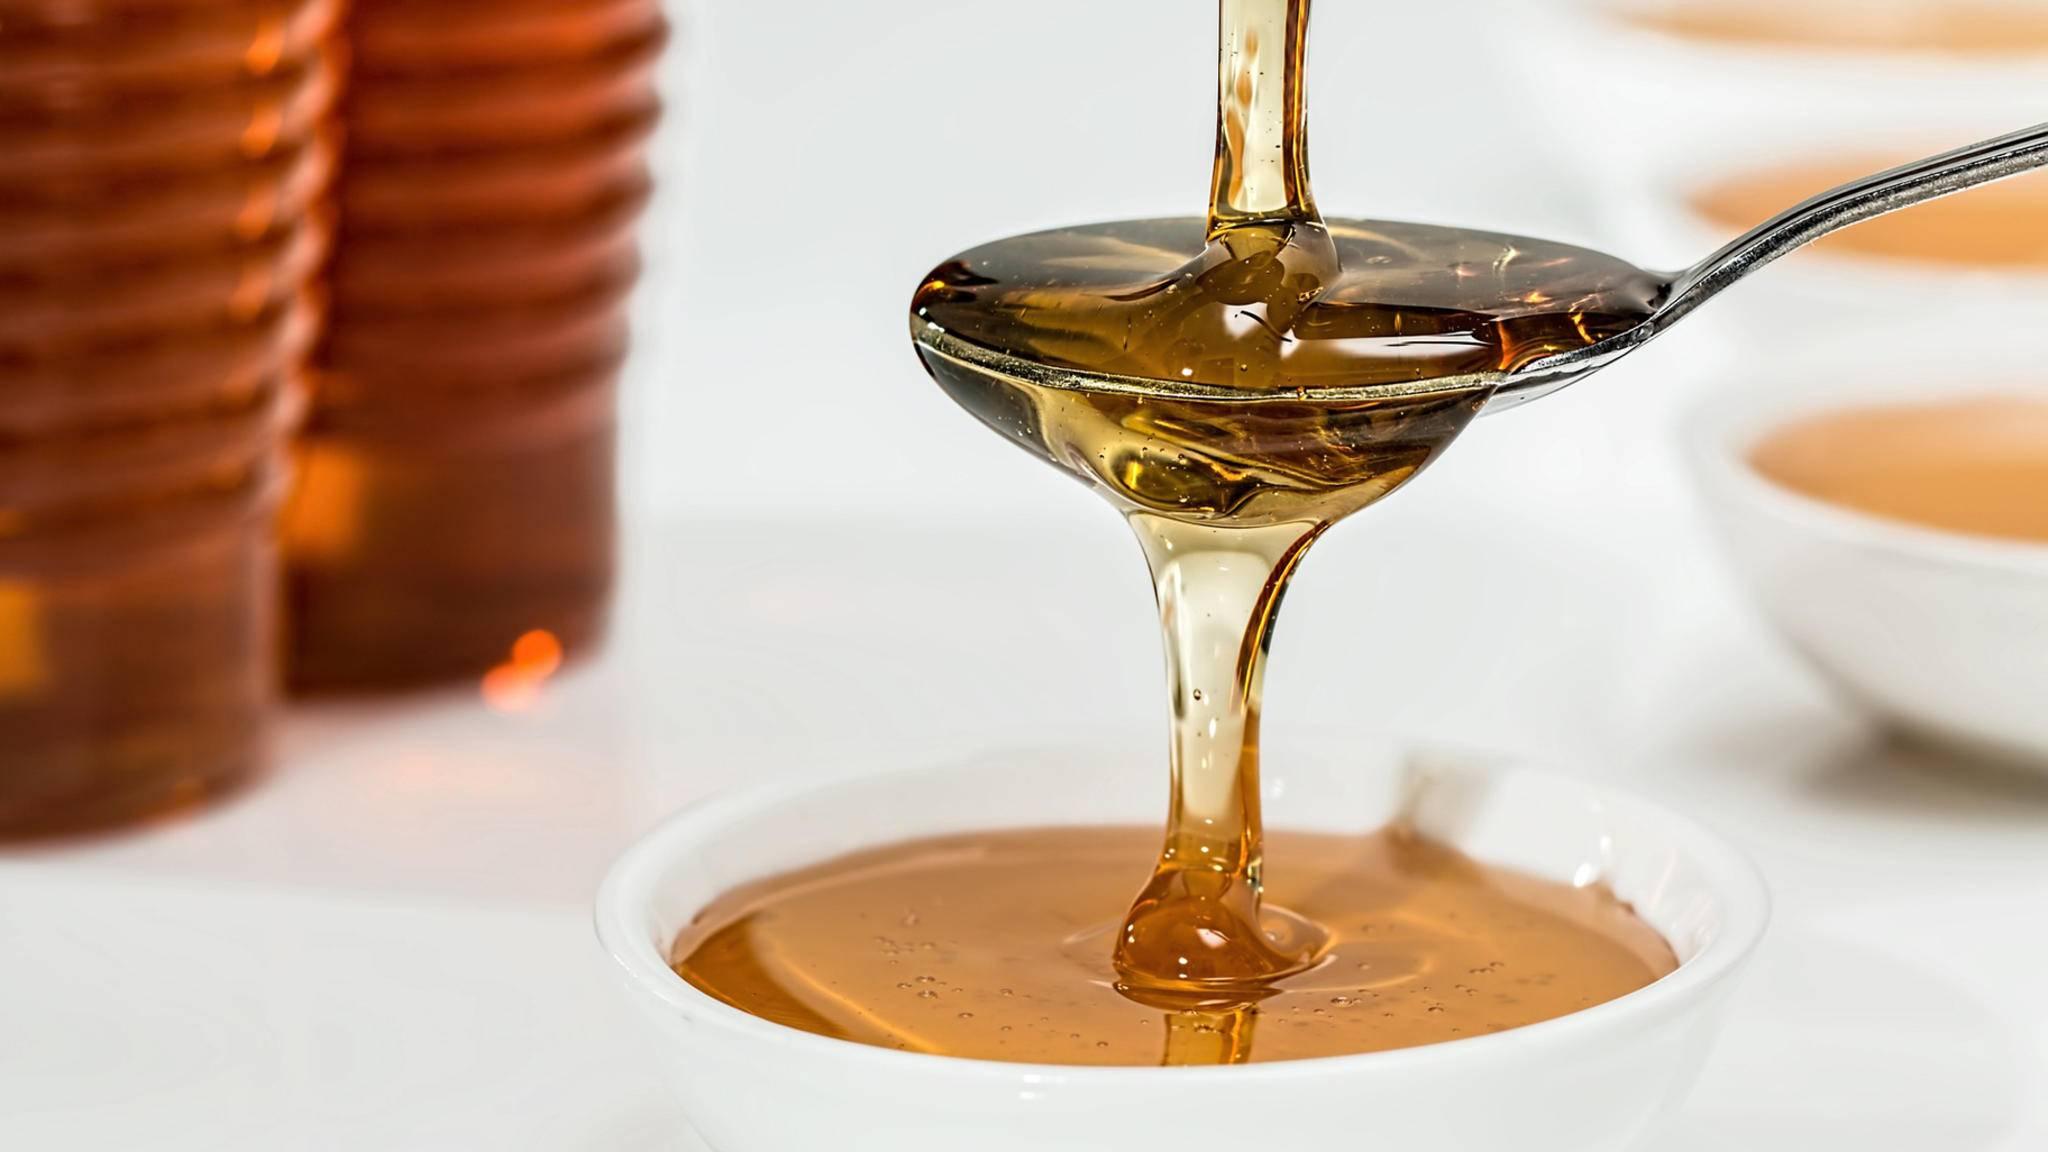 Antibakteriell und lecker: Honig.